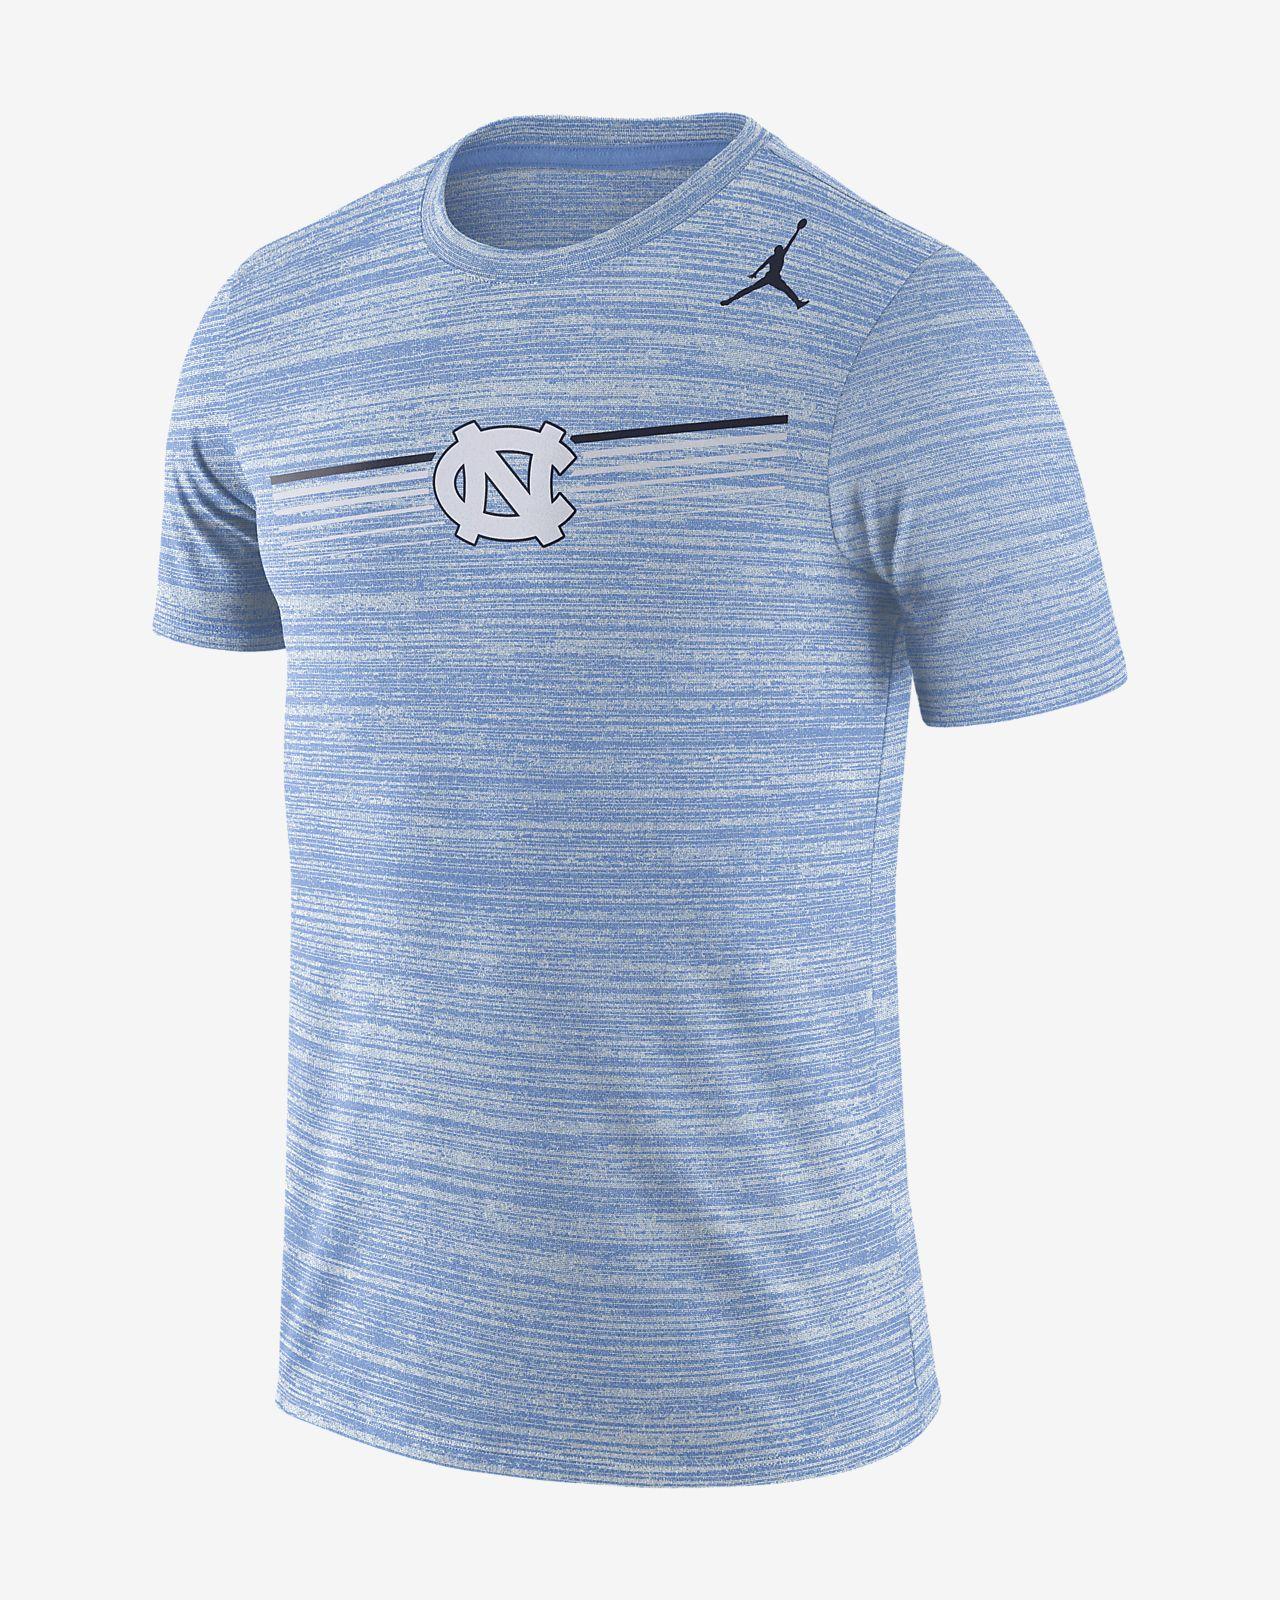 ddd3db9b298 Jordan College Dri-FIT Legend Velocity (UNC) Men's T-Shirt. Nike.com